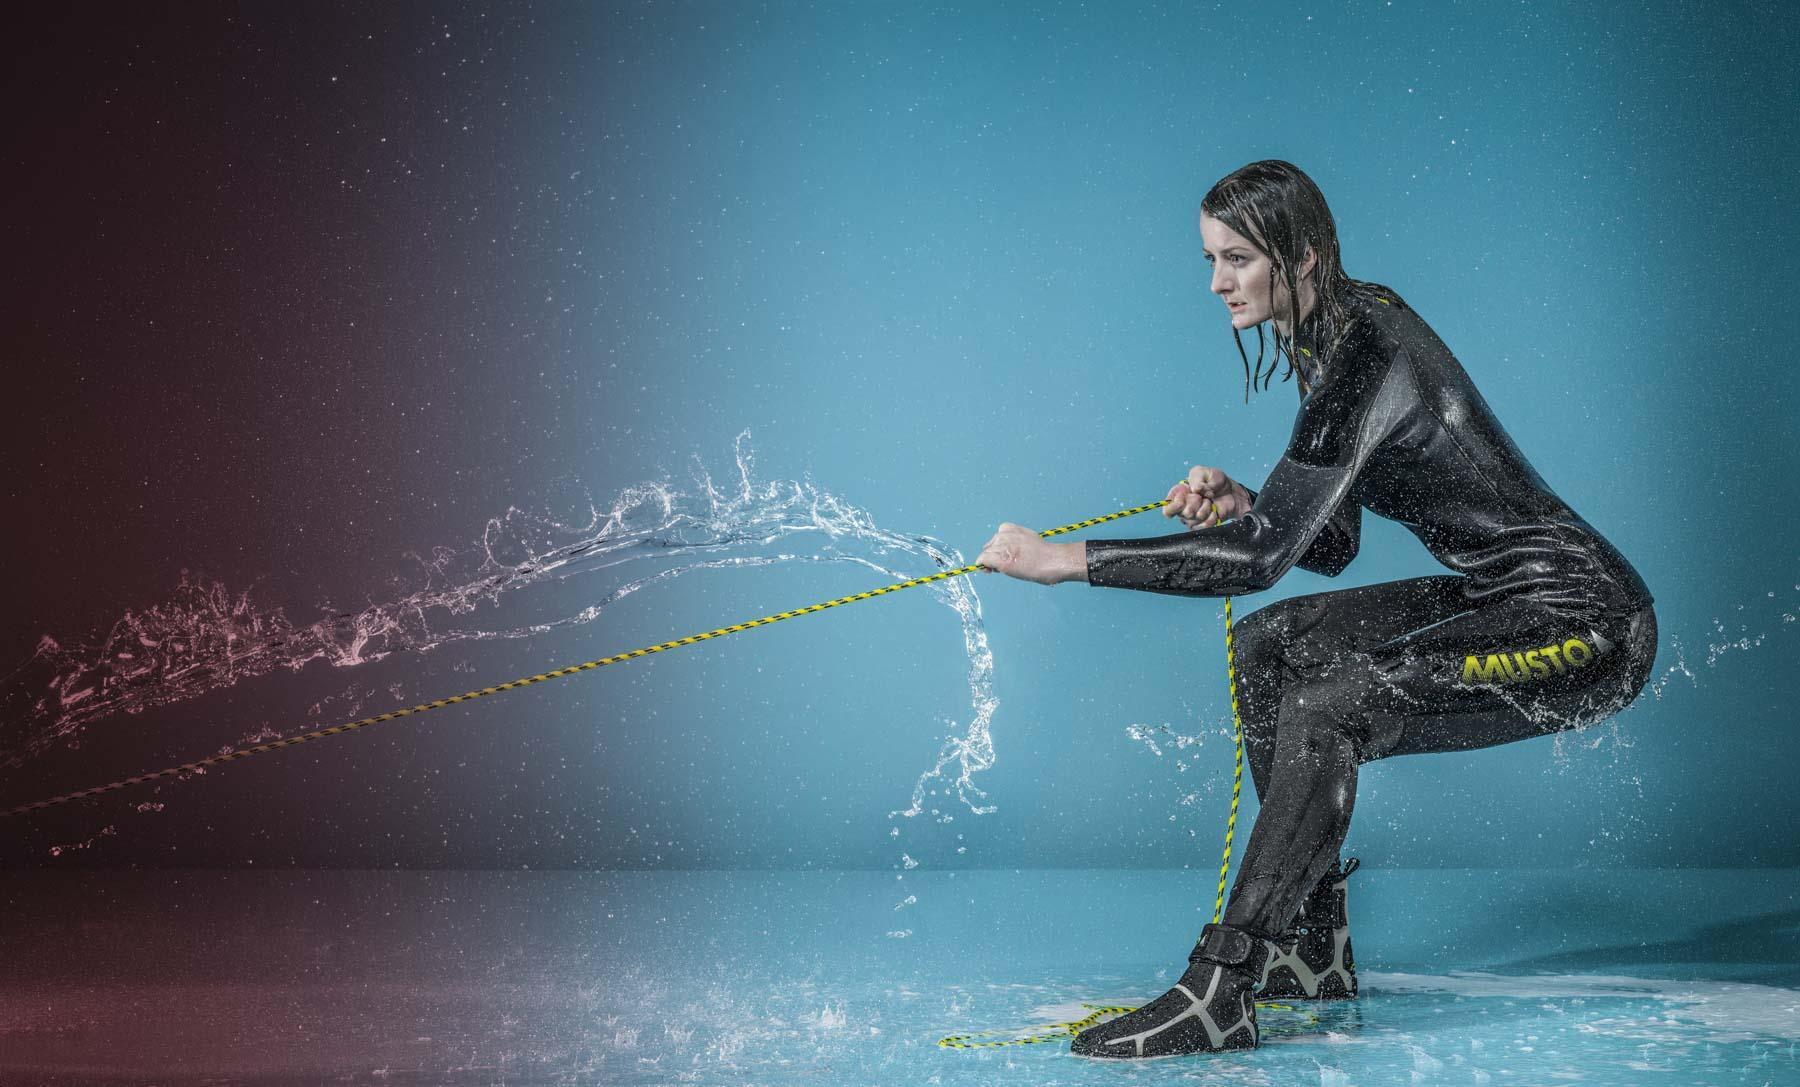 Musto Wet suit 4